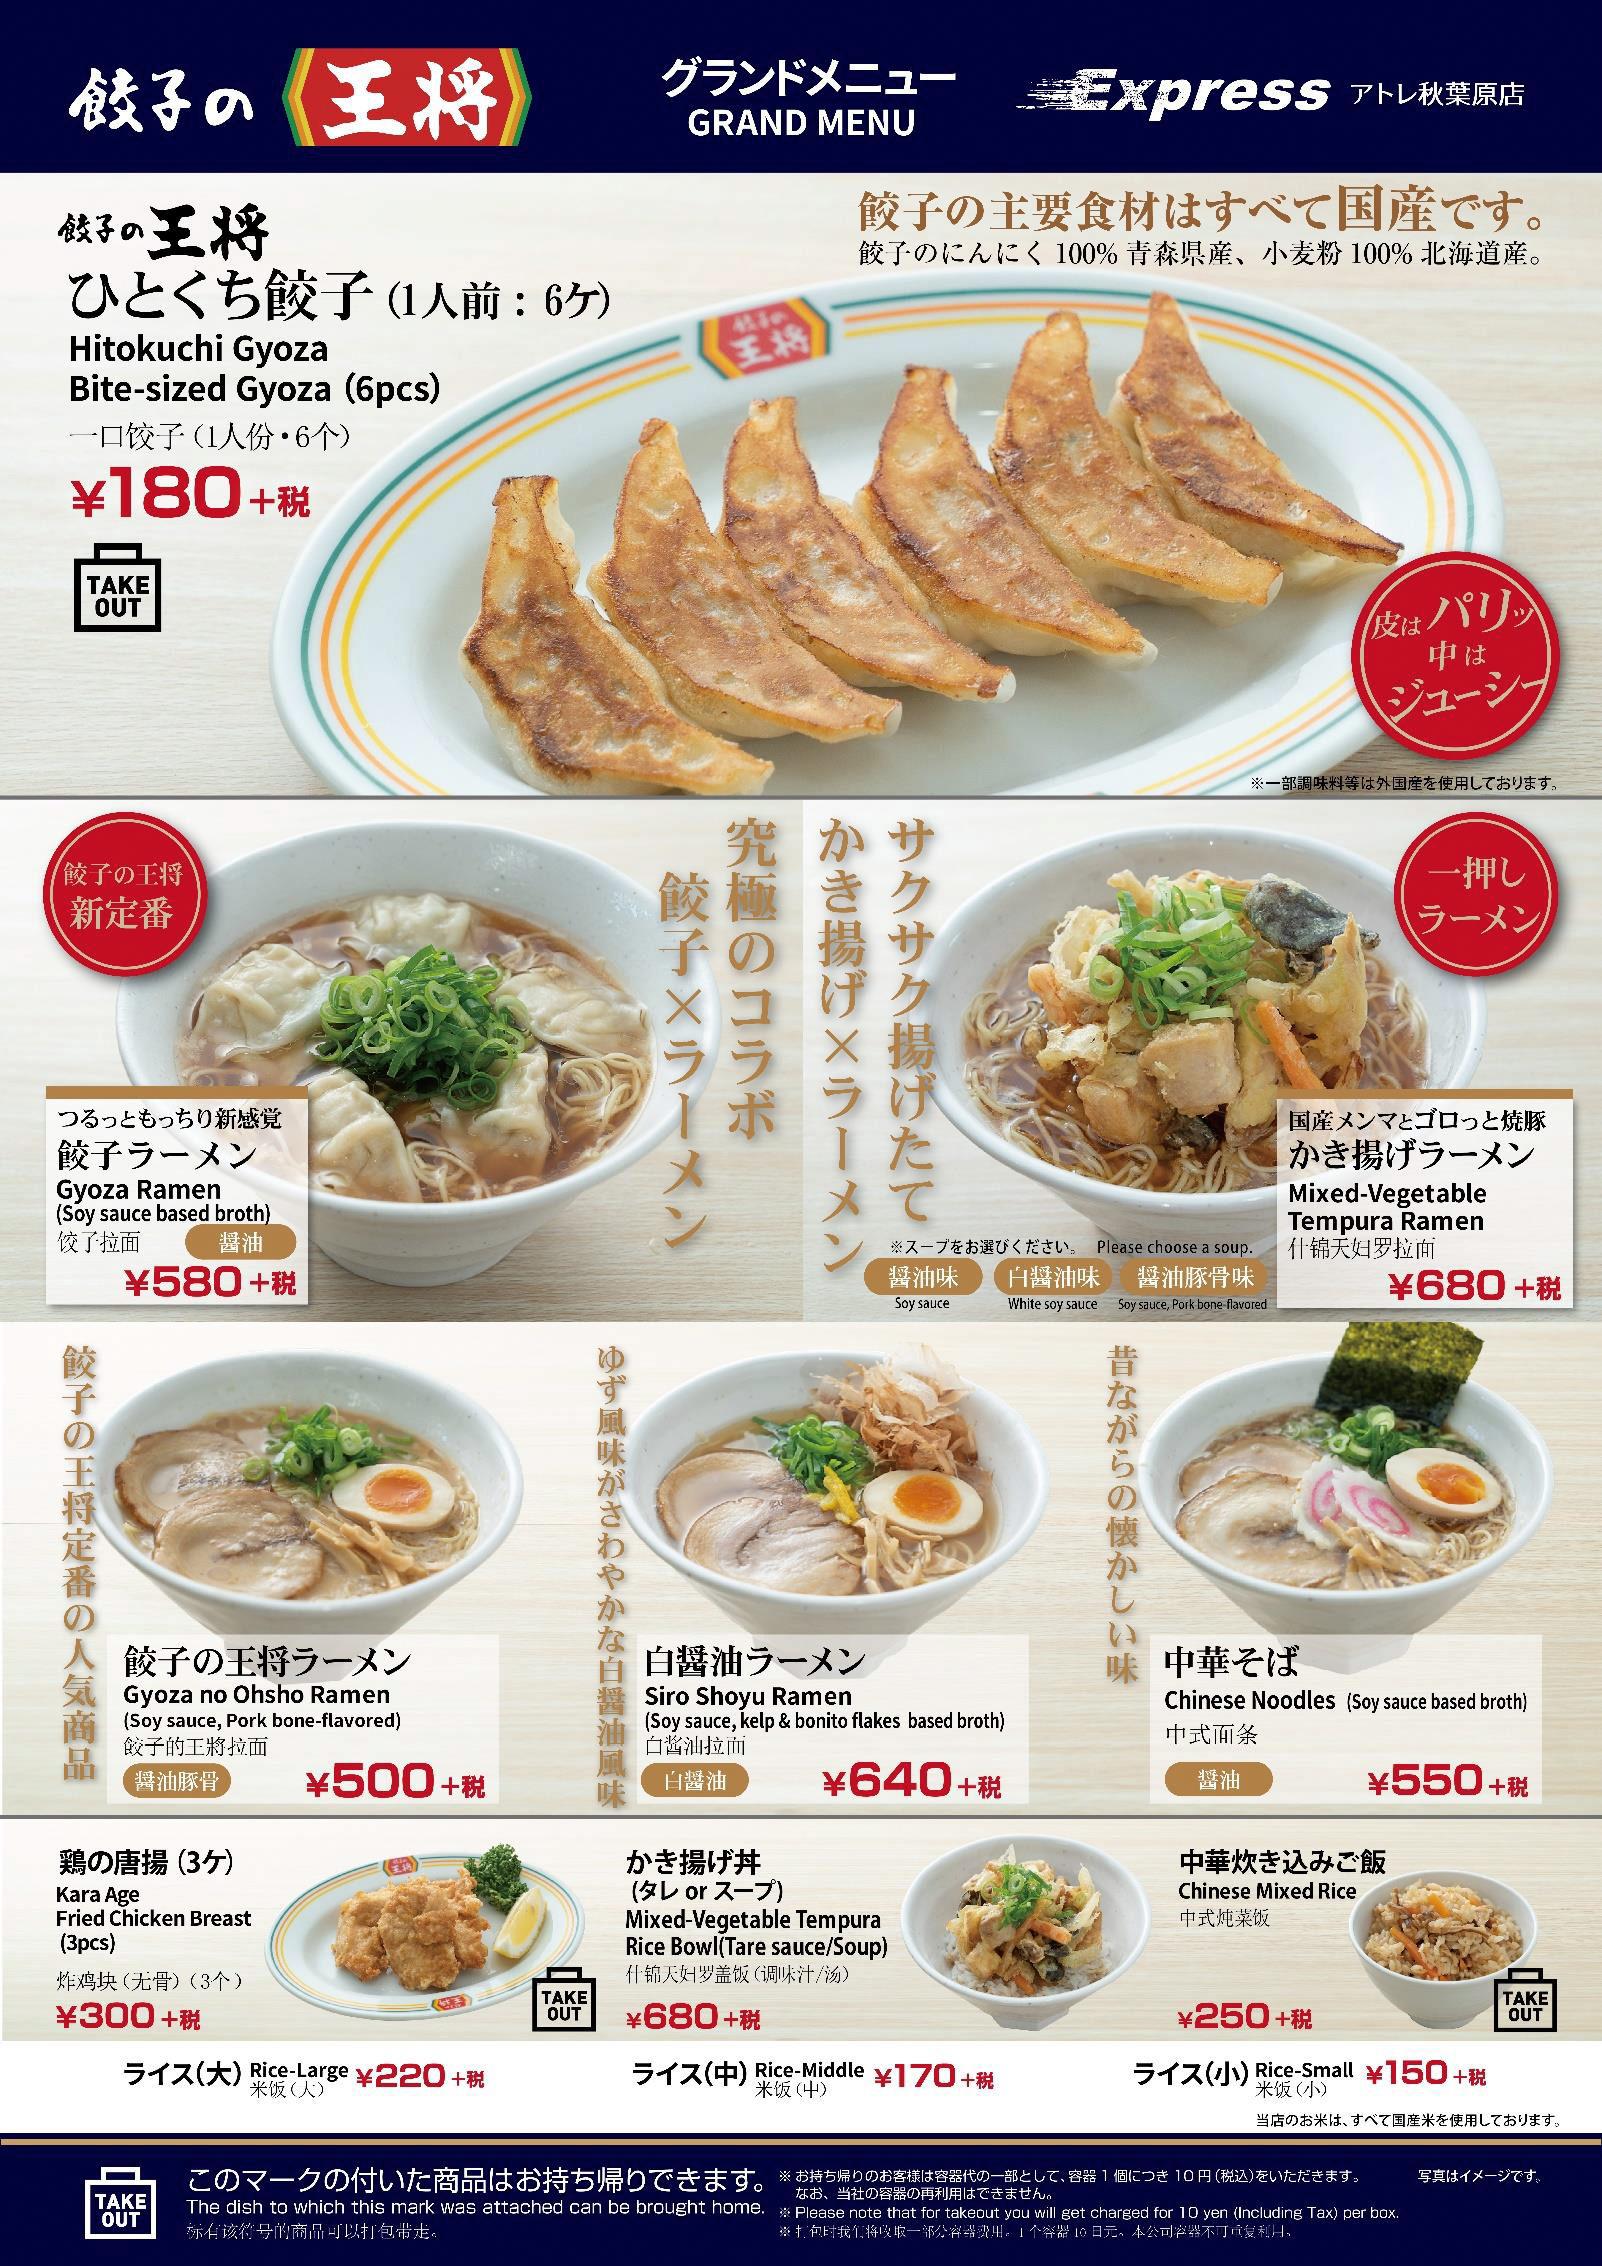 『餃子の王将 Express アトレ秋葉原店』メニュー